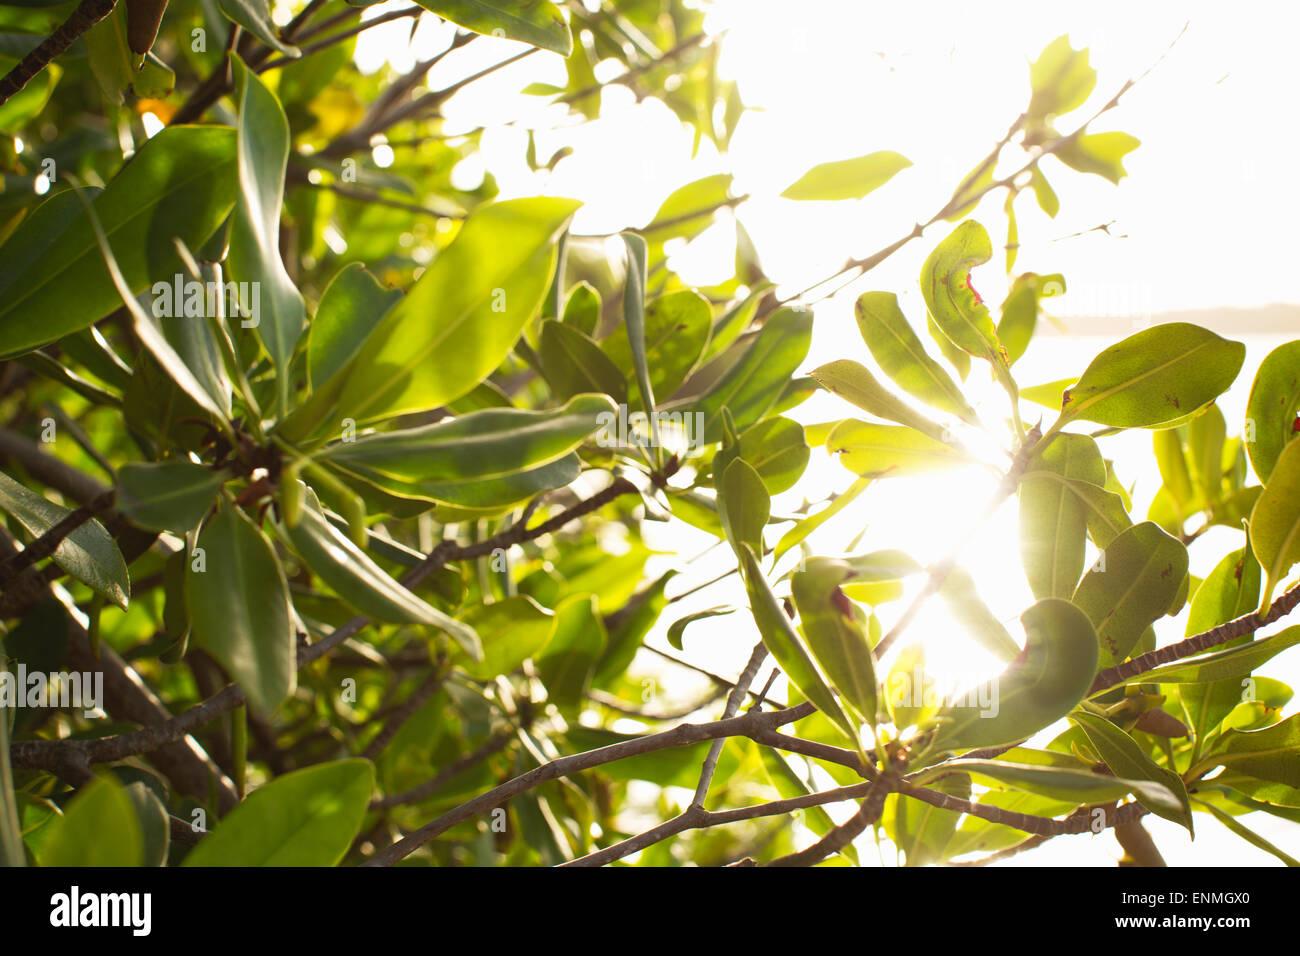 Cerca de follaje con la luz del sol brilla a través de. Foto de stock